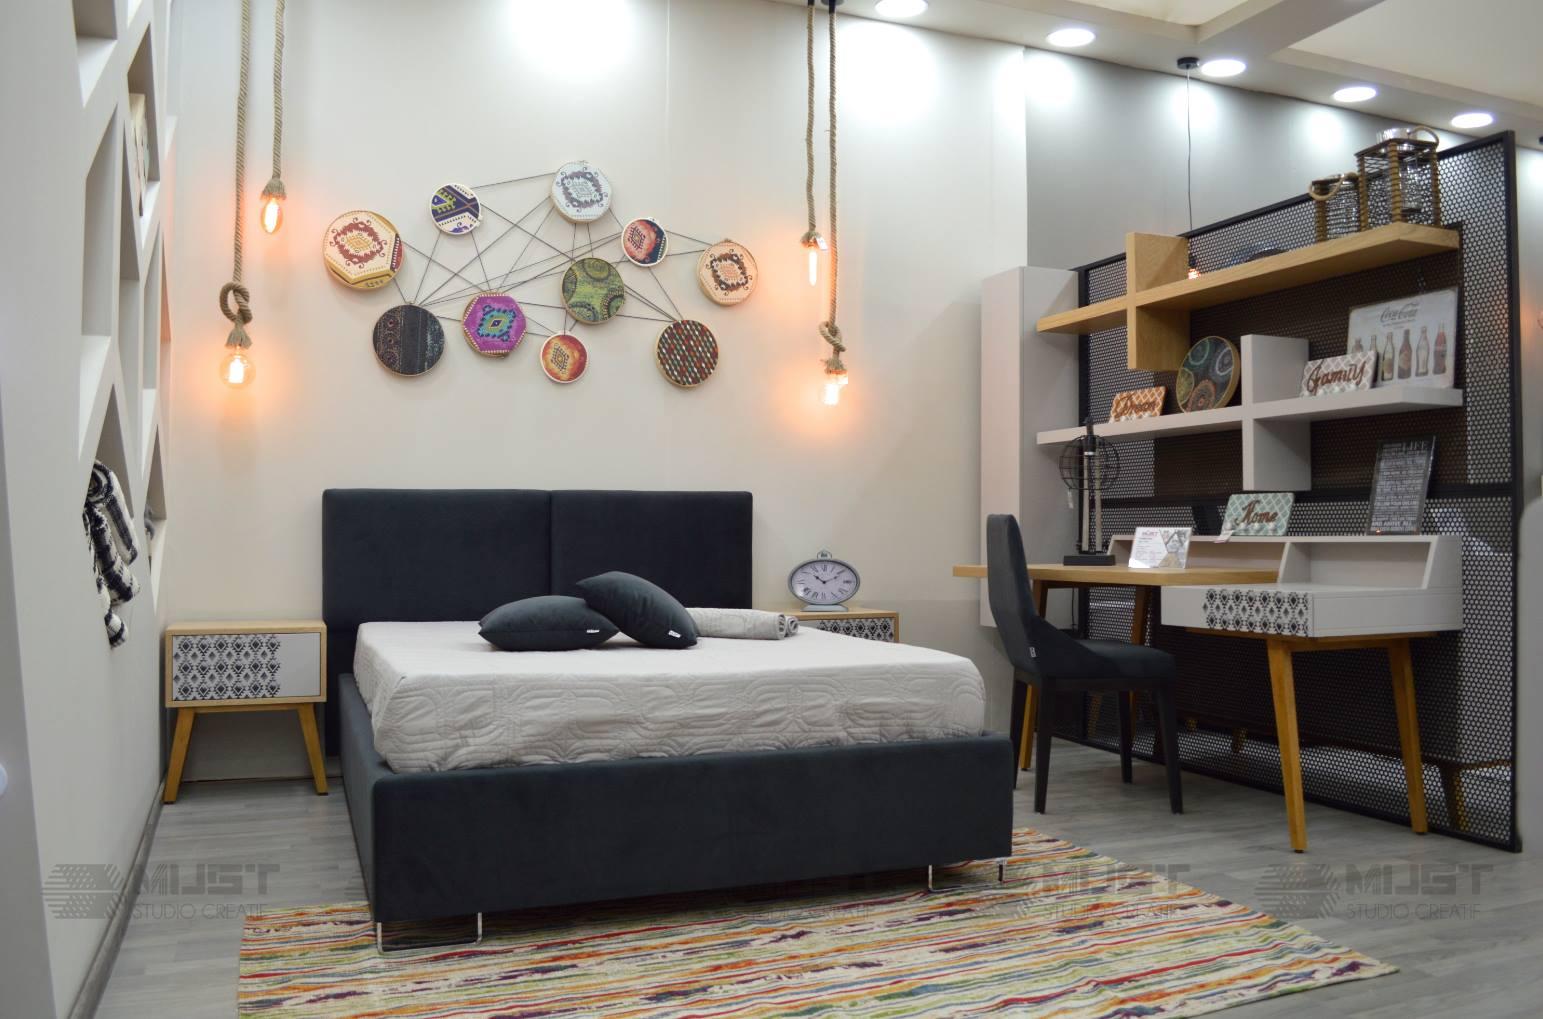 must chambre à coucher decoration tunis la soukra